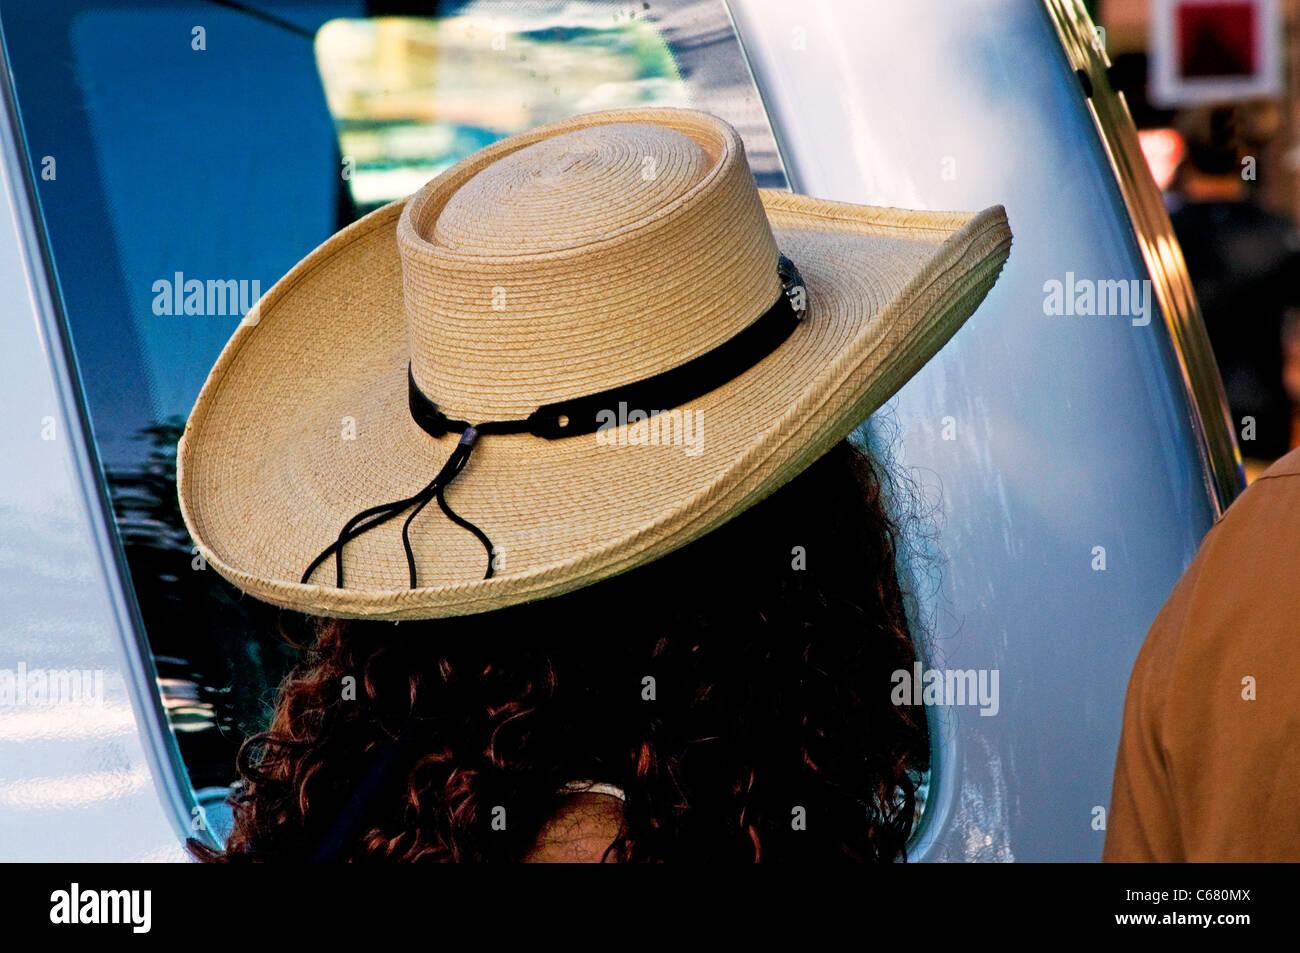 Hats Mexican Hats Imágenes De Stock   Hats Mexican Hats Fotos De ... eafdf5211a8